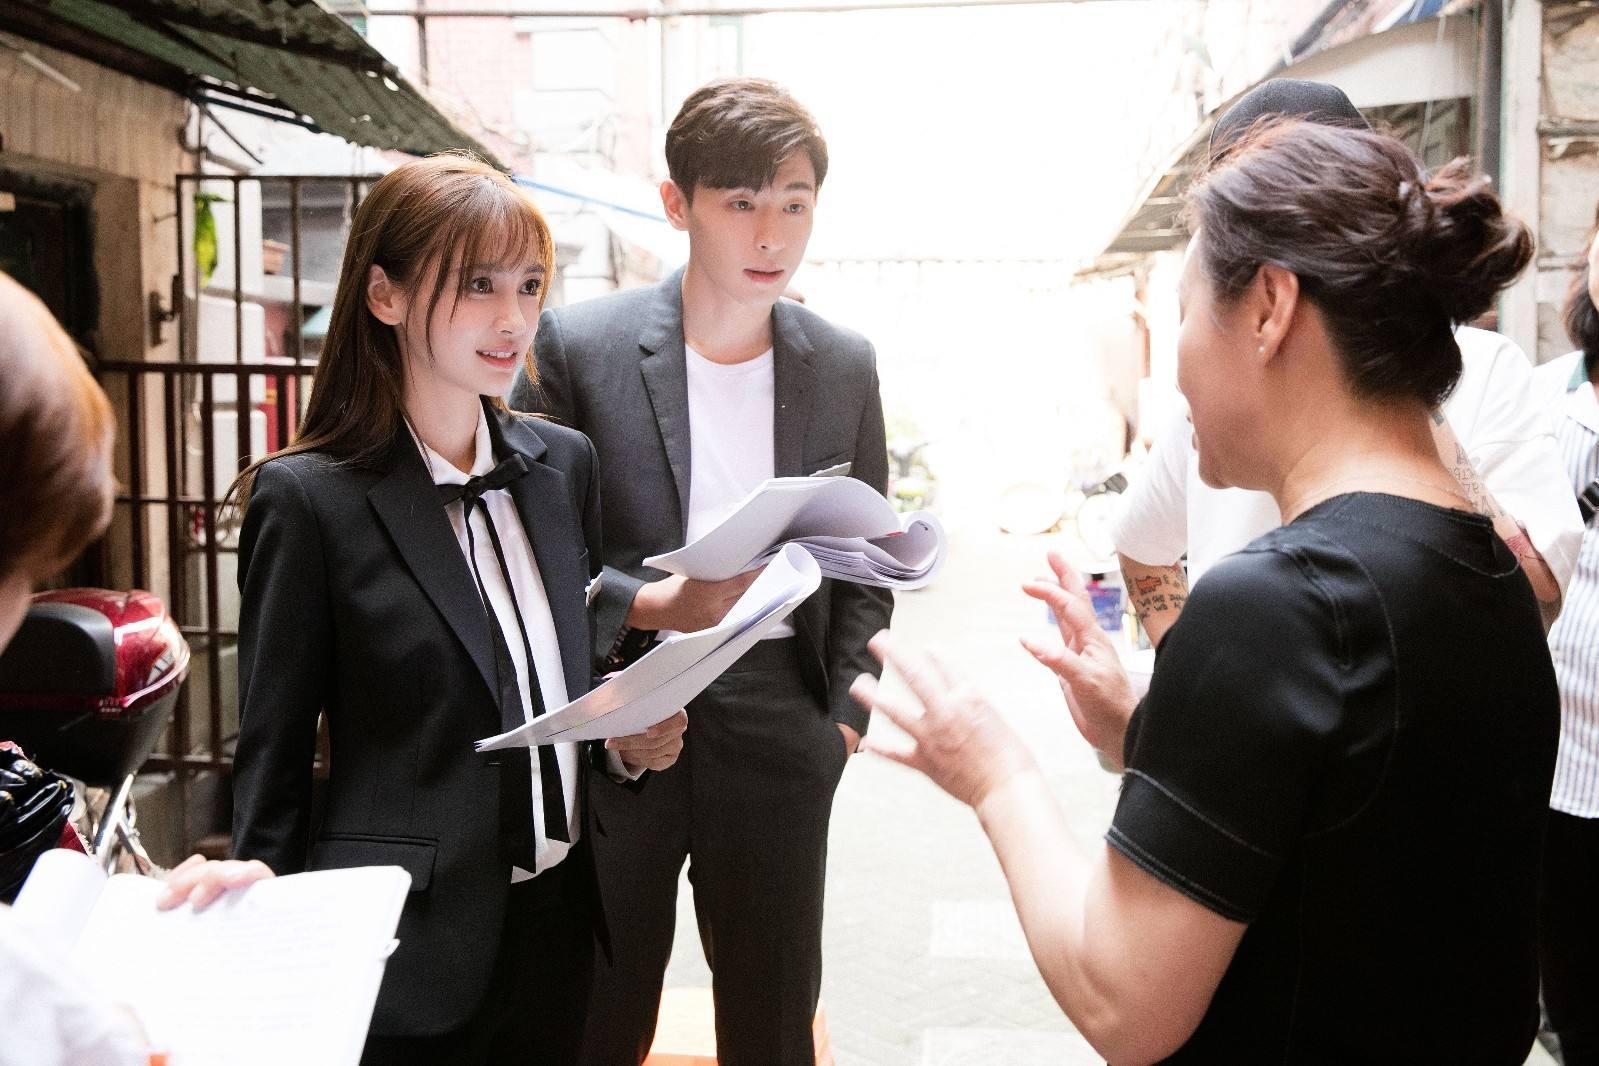 杨颖入围电视好演员,一年3部作品的杨幂却落选,原因与演技无关